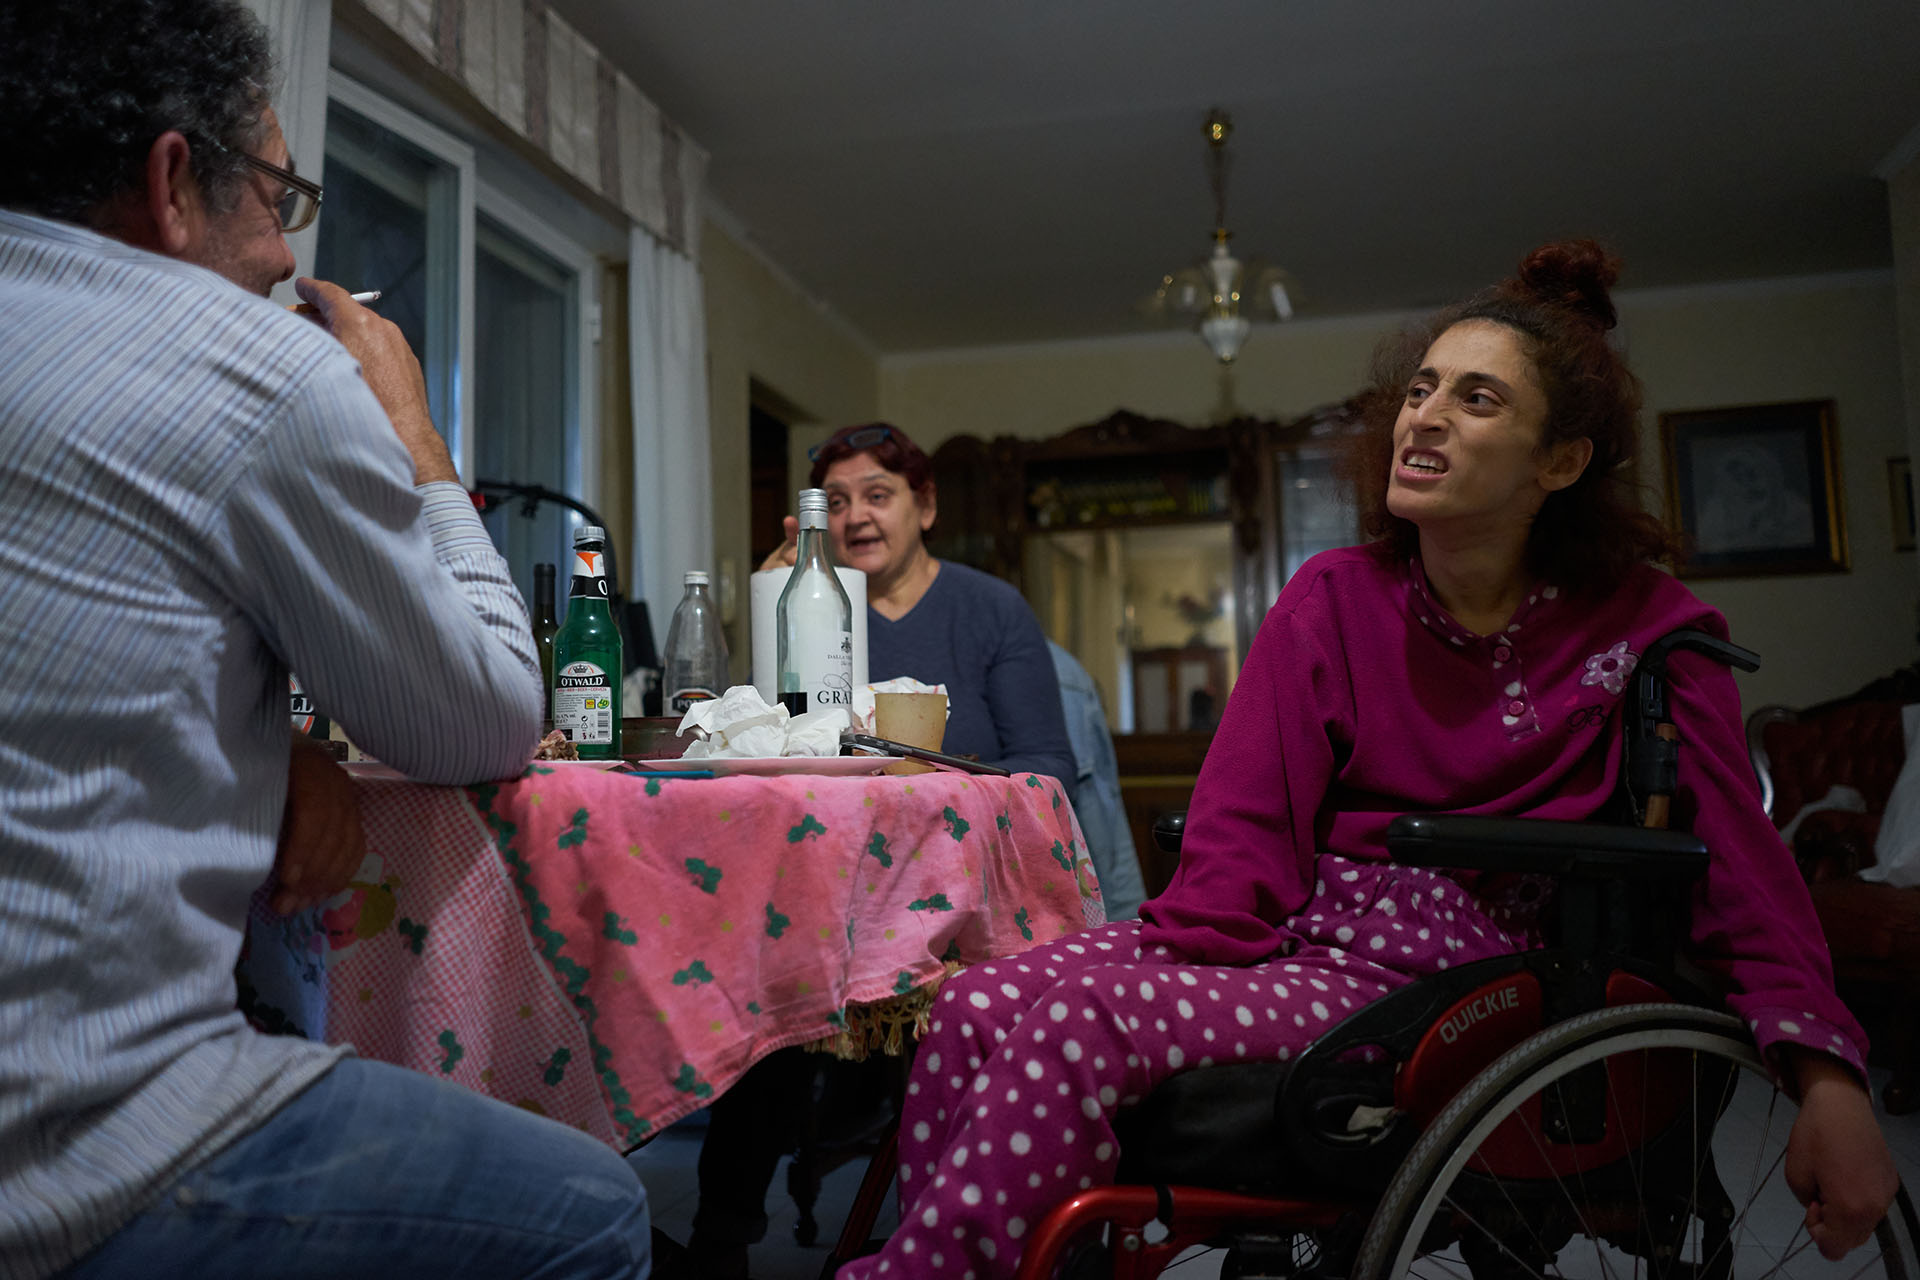 Letizia-Story-of-unseen-lives_ph_Danilo Garcia Di Meo_13